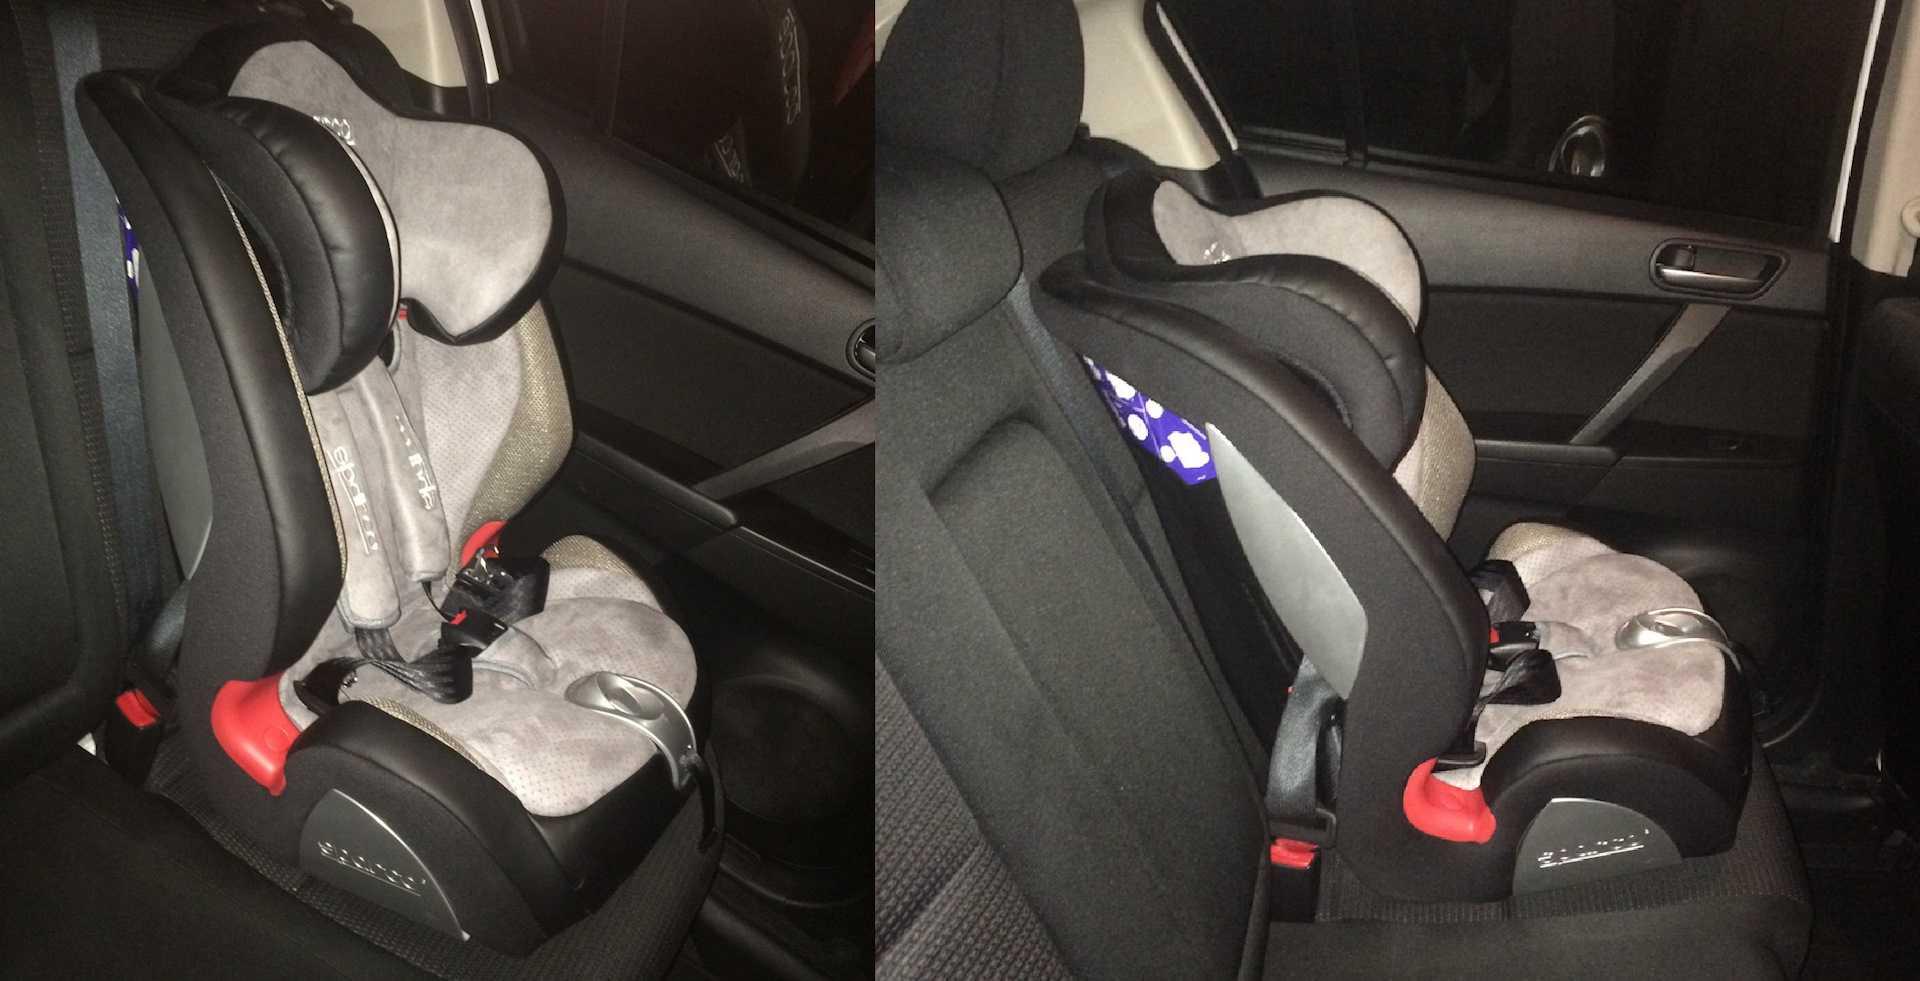 Автокресло детское sparco 0+/1/2 серый f2000k gy